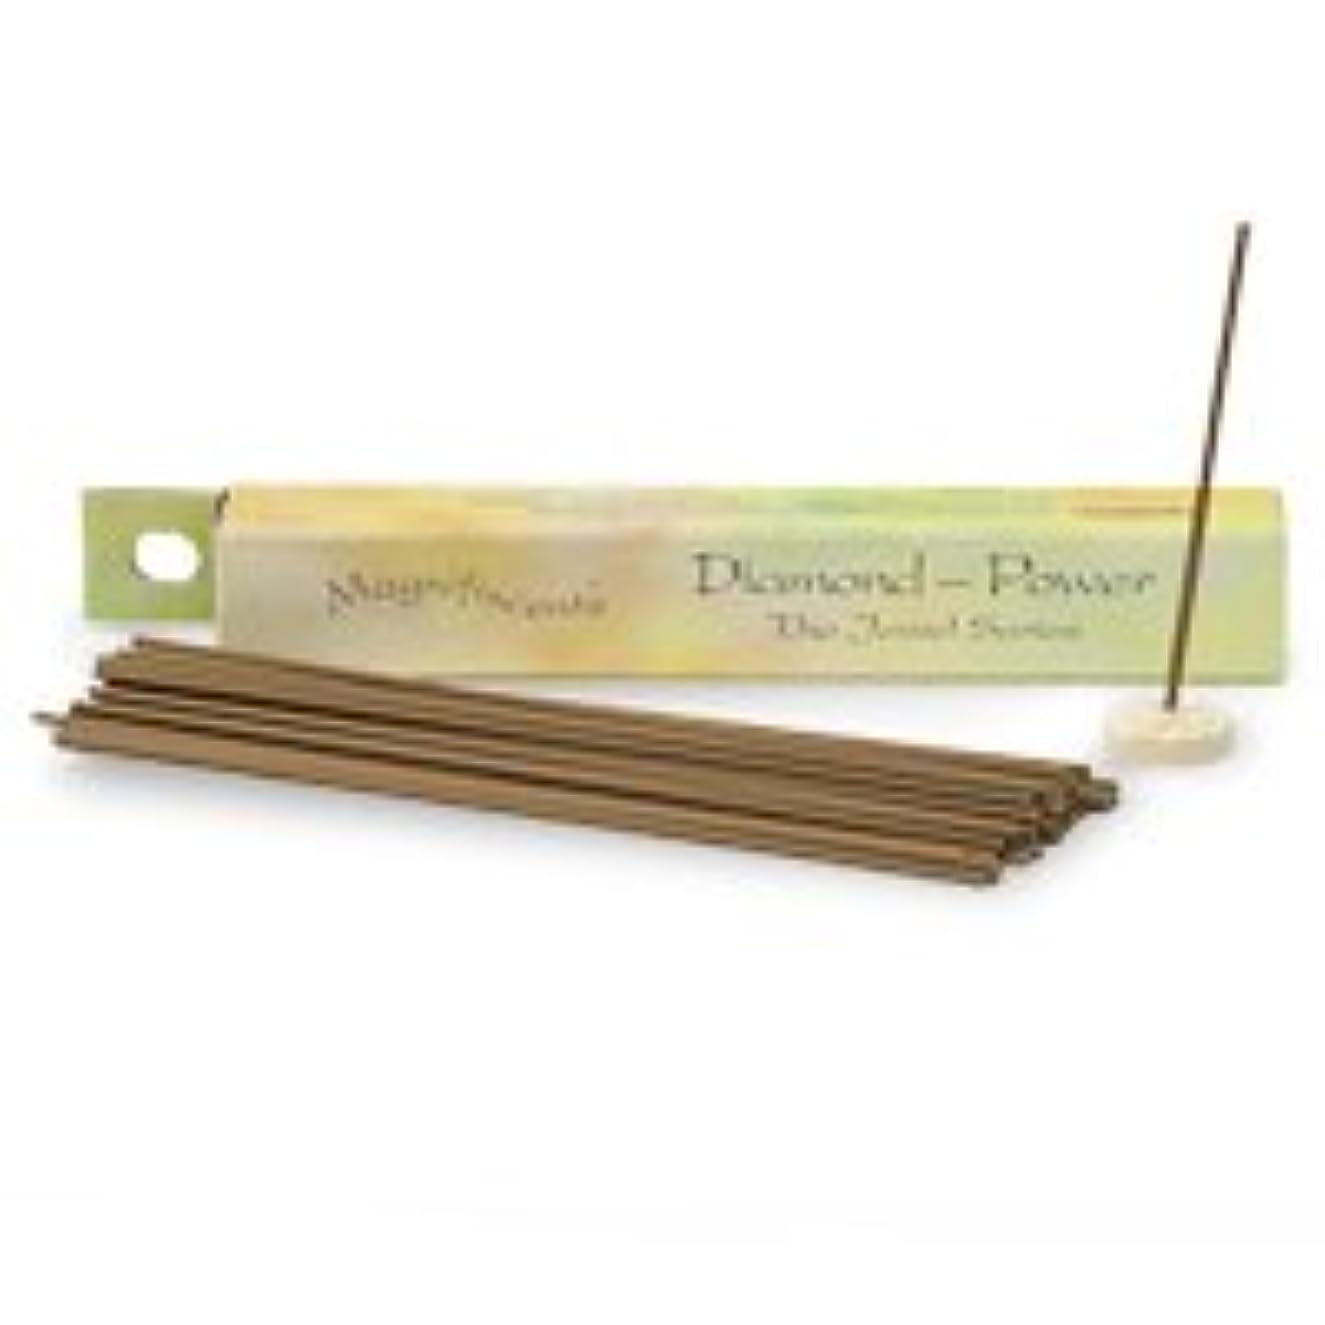 抑圧する禁止するくShoyeido – Magnifiscentsジュエルシリーズ自然Incenseアメジストバランス 30 Stick(s) レッド 20102